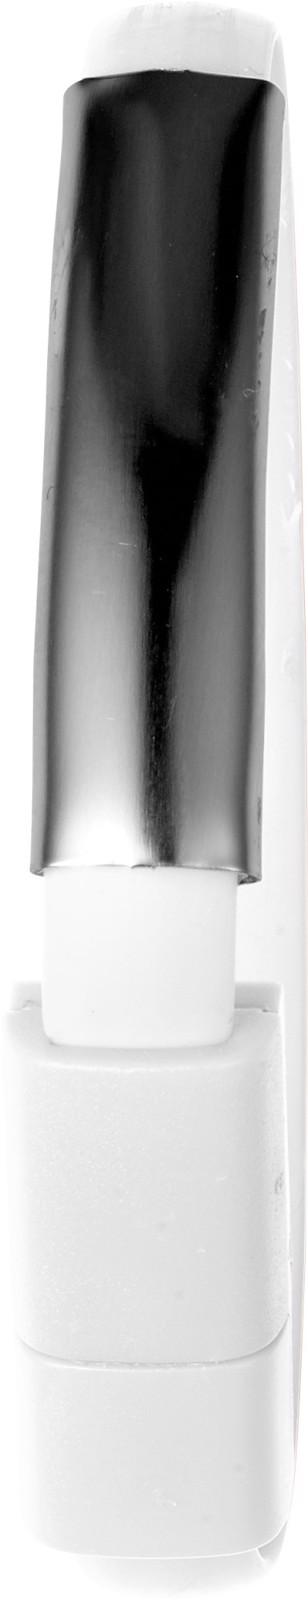 Silicone wristband - White